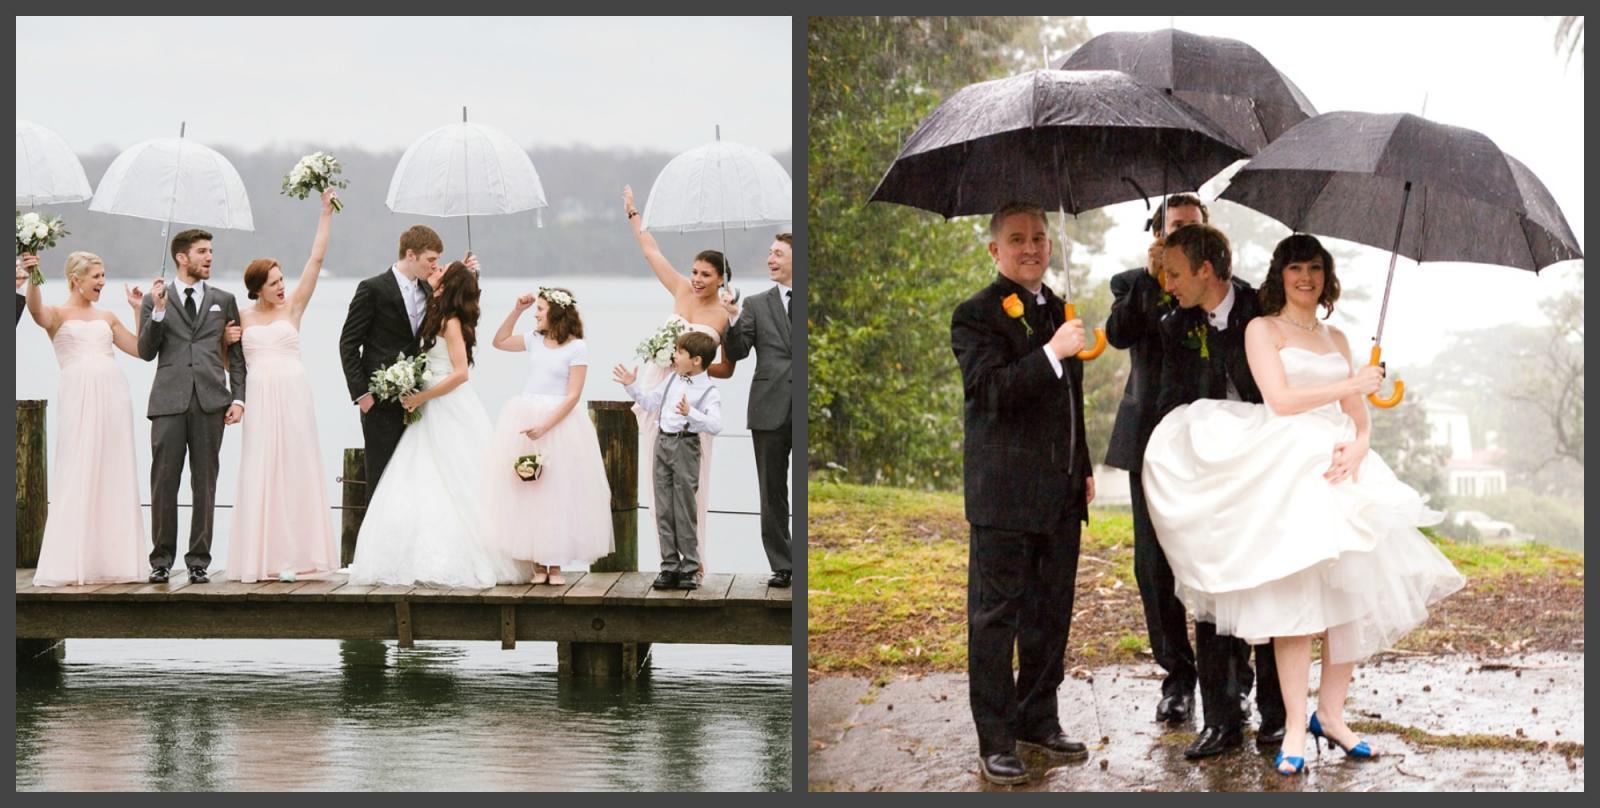 Дождь в день свадьбы — к удачи